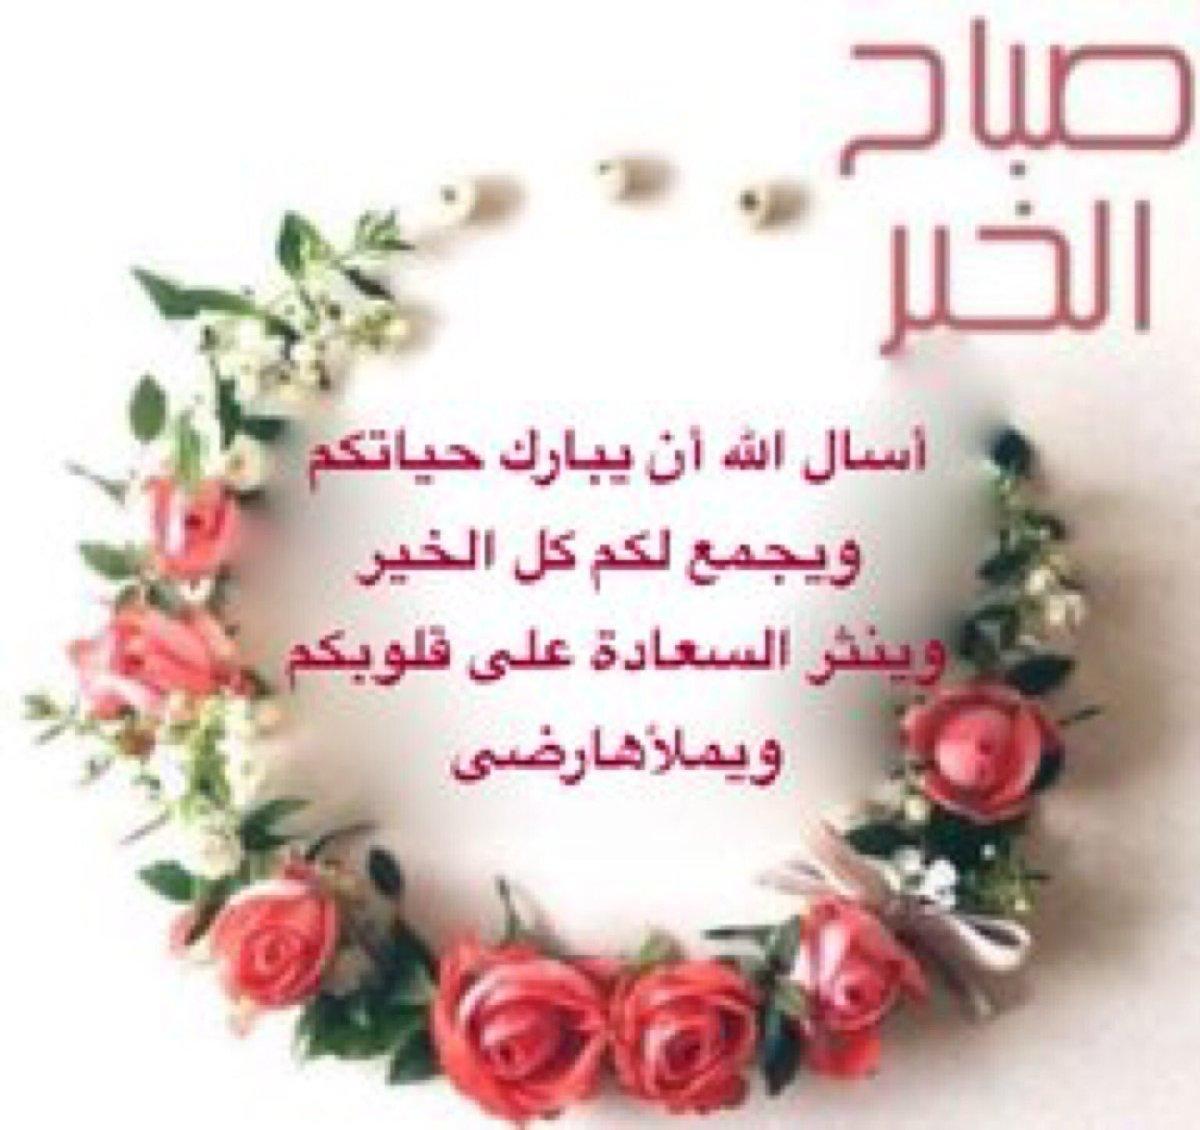 صور رسالة صباح الخير , اجمل كلام عن الصباح